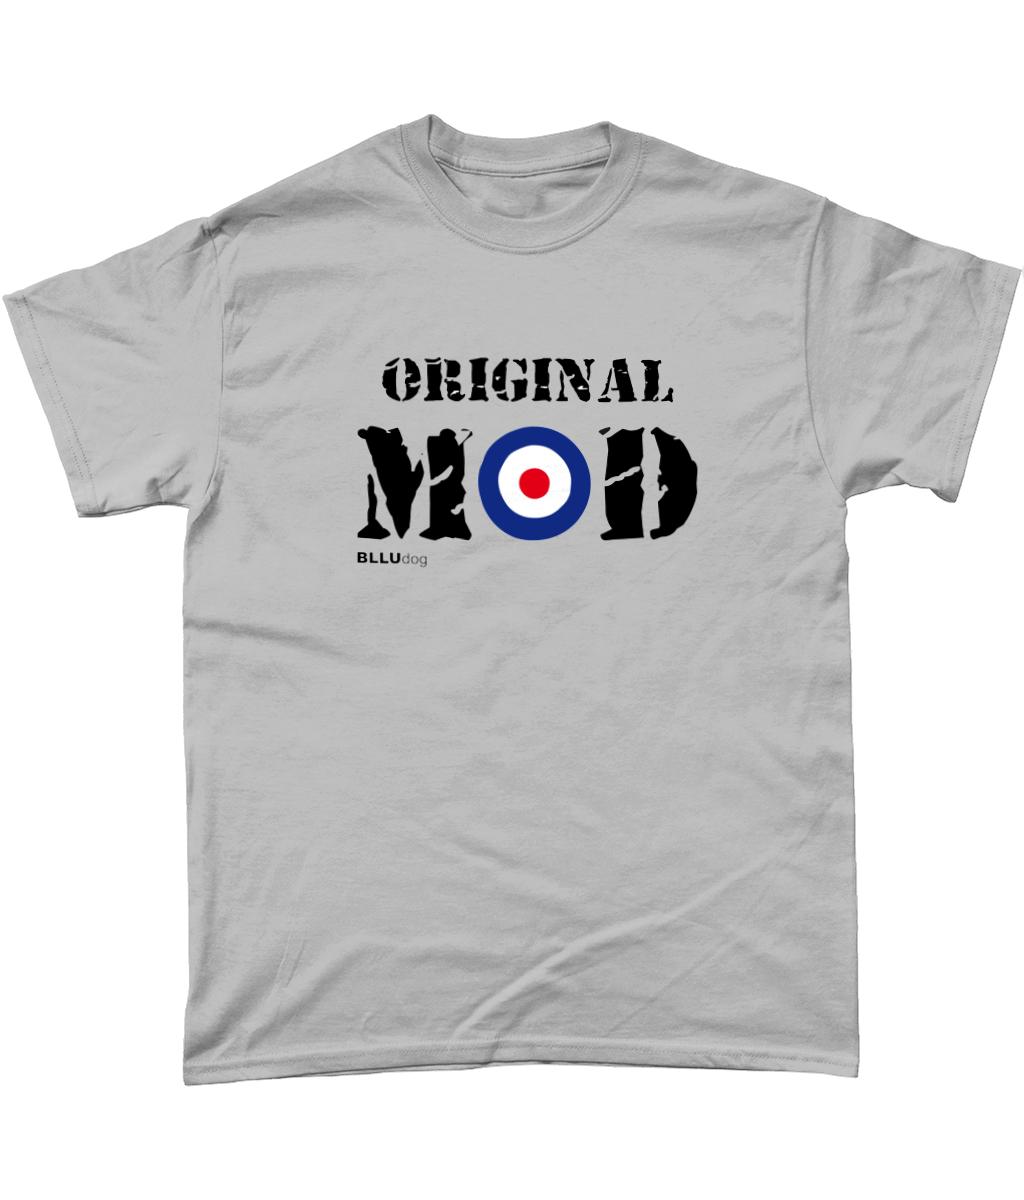 'Original Mod'